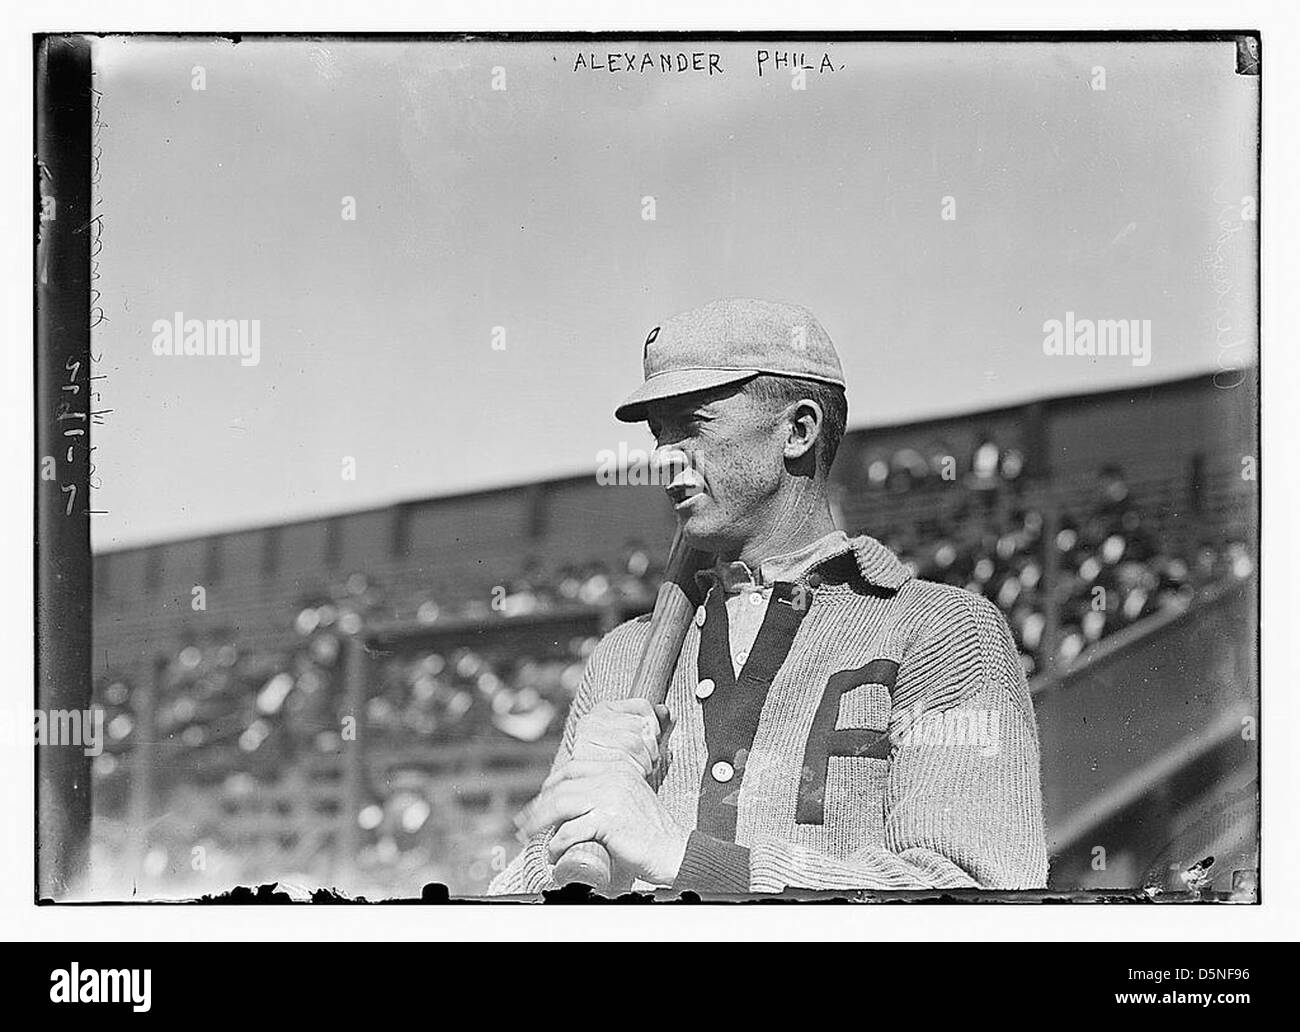 [Grover Cleveland Alexander, Philadelphia, NL (baseball)] (LOC) Immagini Stock